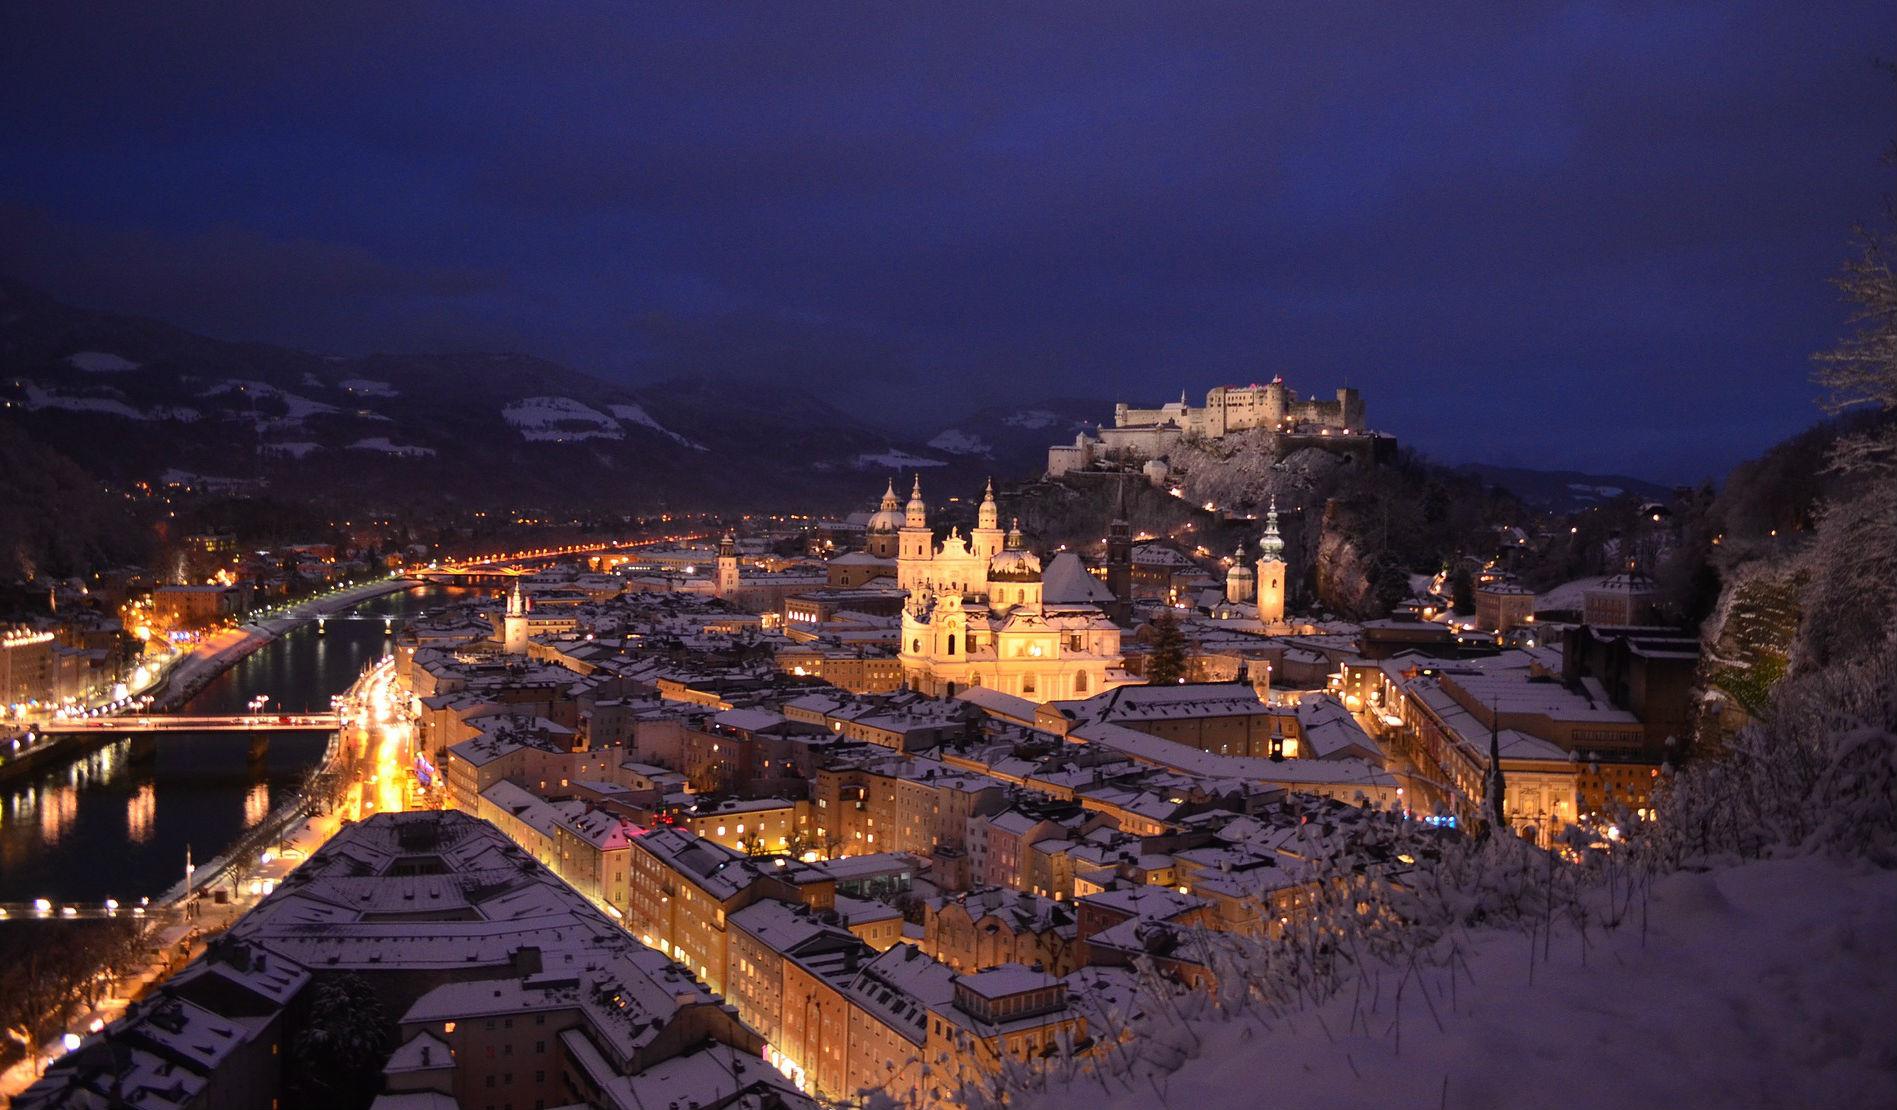 Das wunderschöne Salzburg bei Nacht